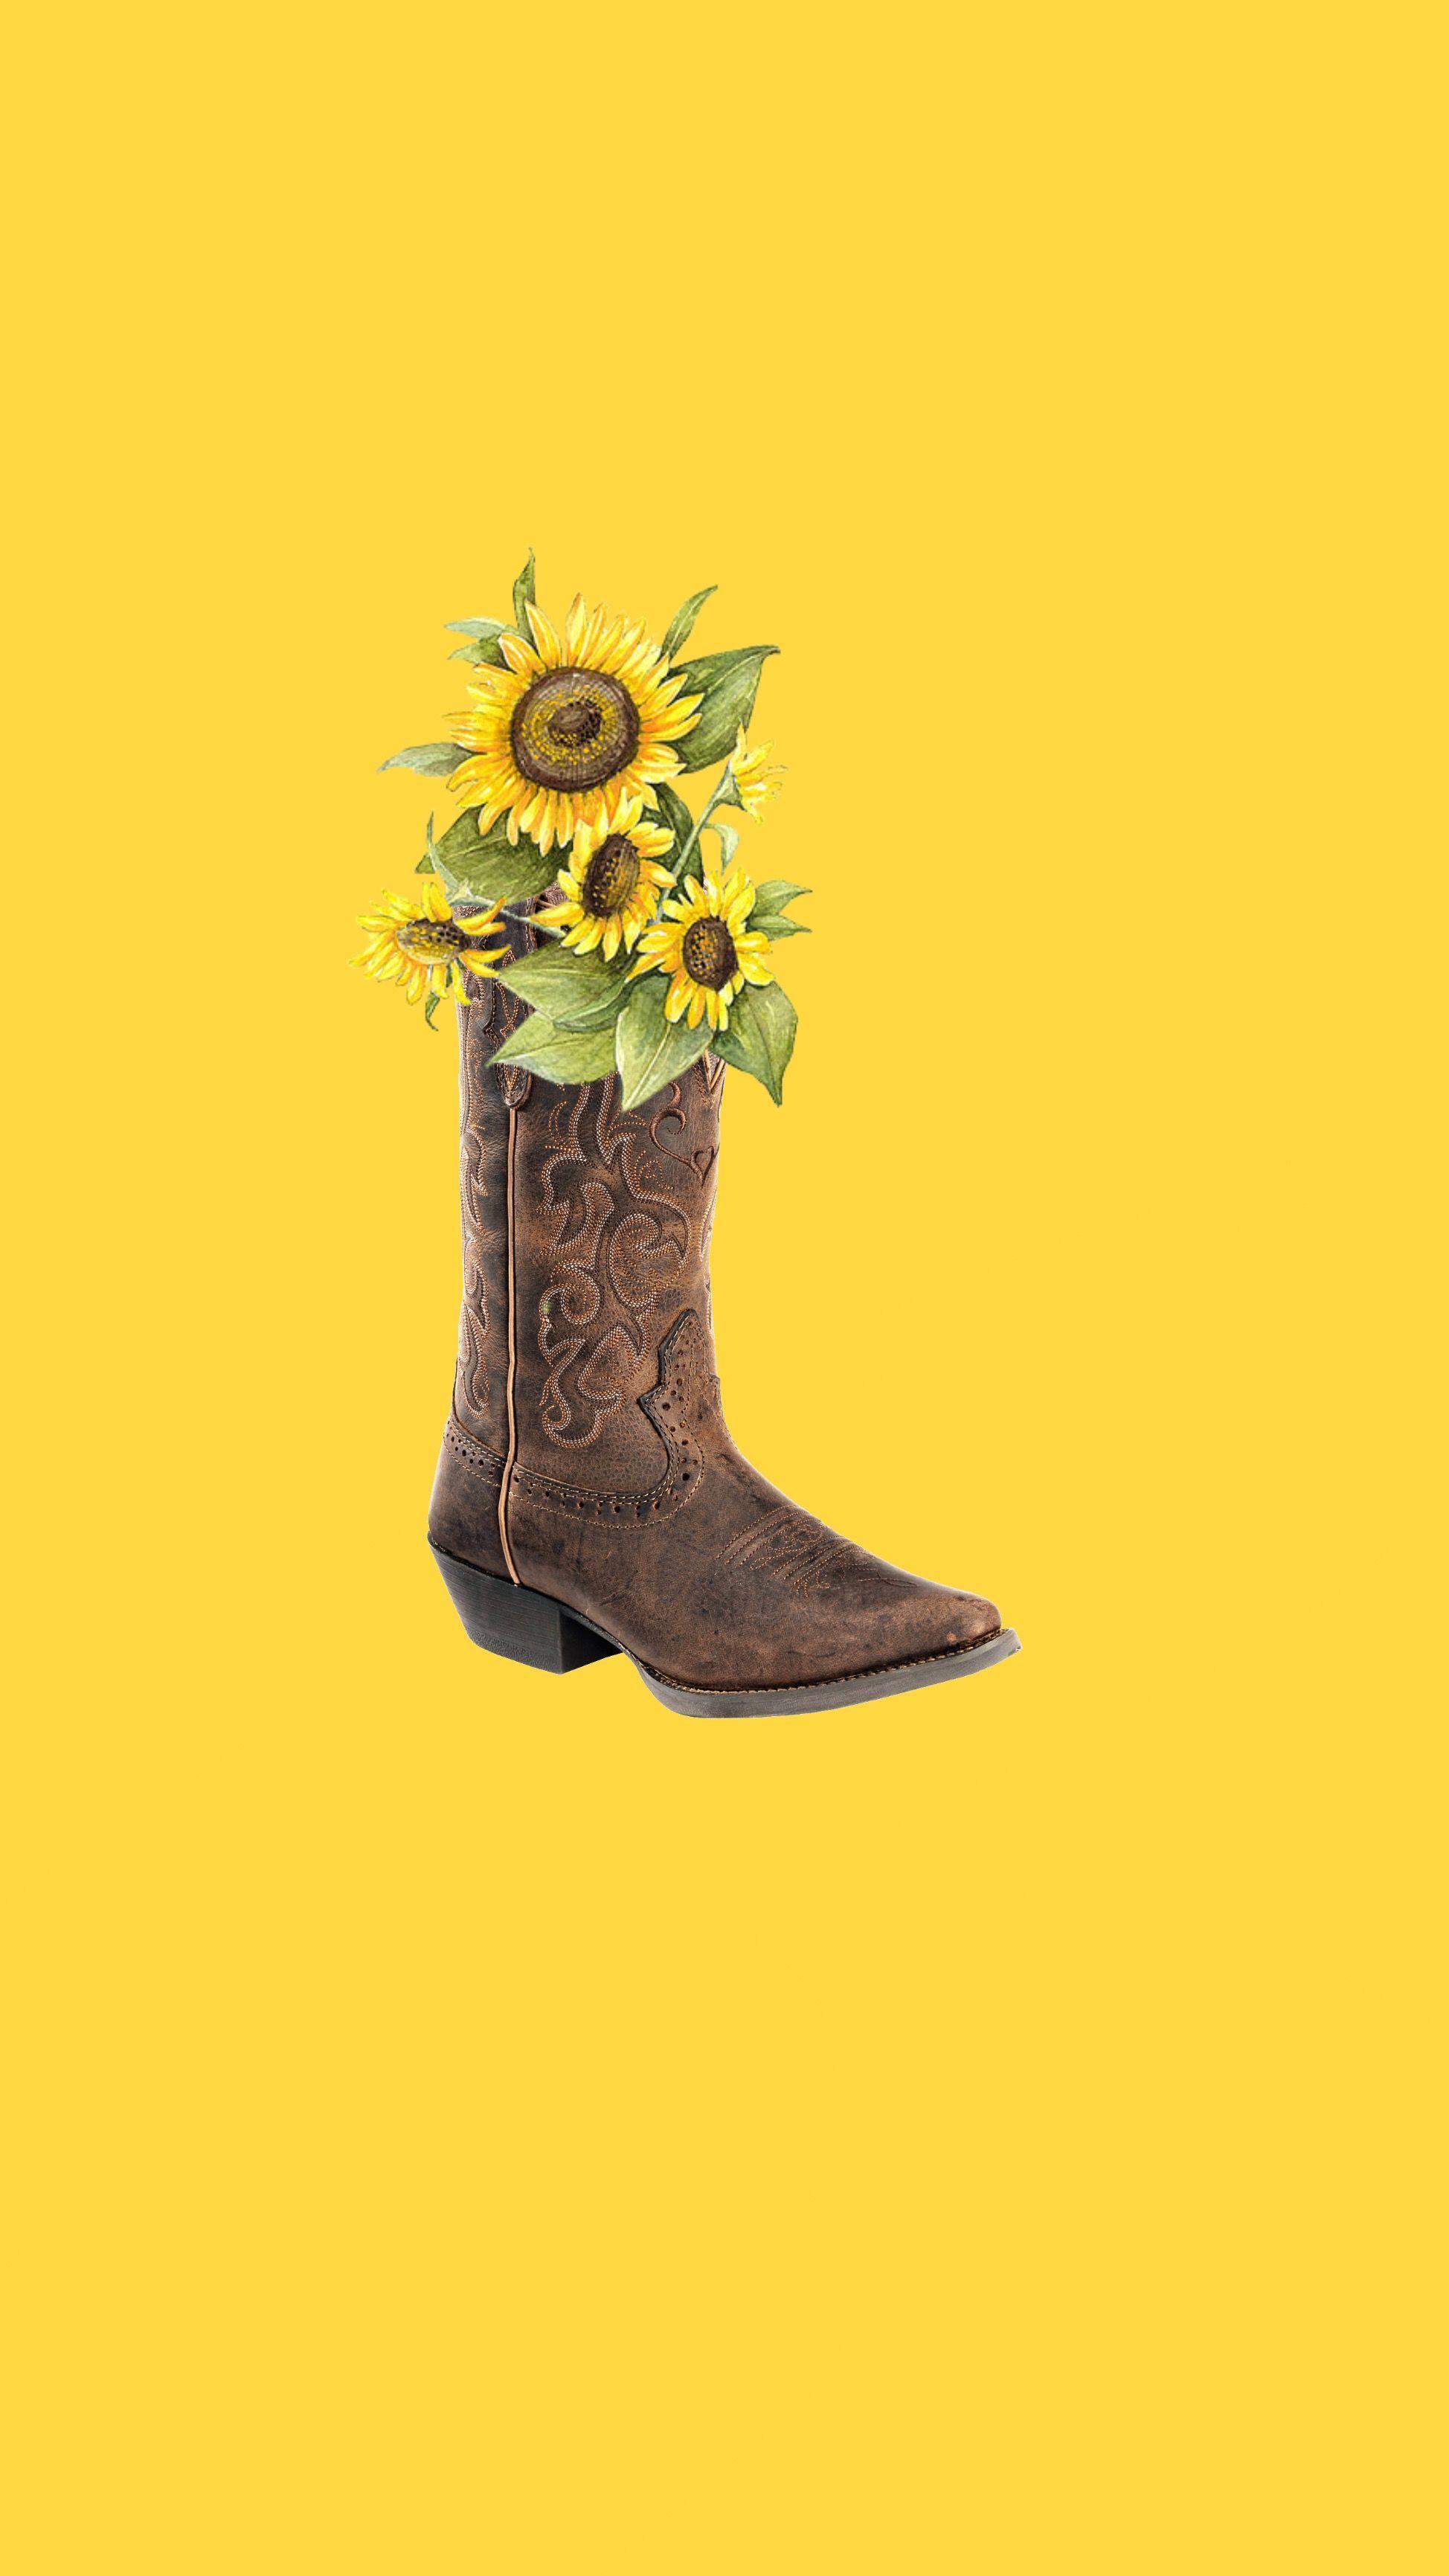 Cowgirl sunflower boots iPhone wallpaper sunflowerwallpaper